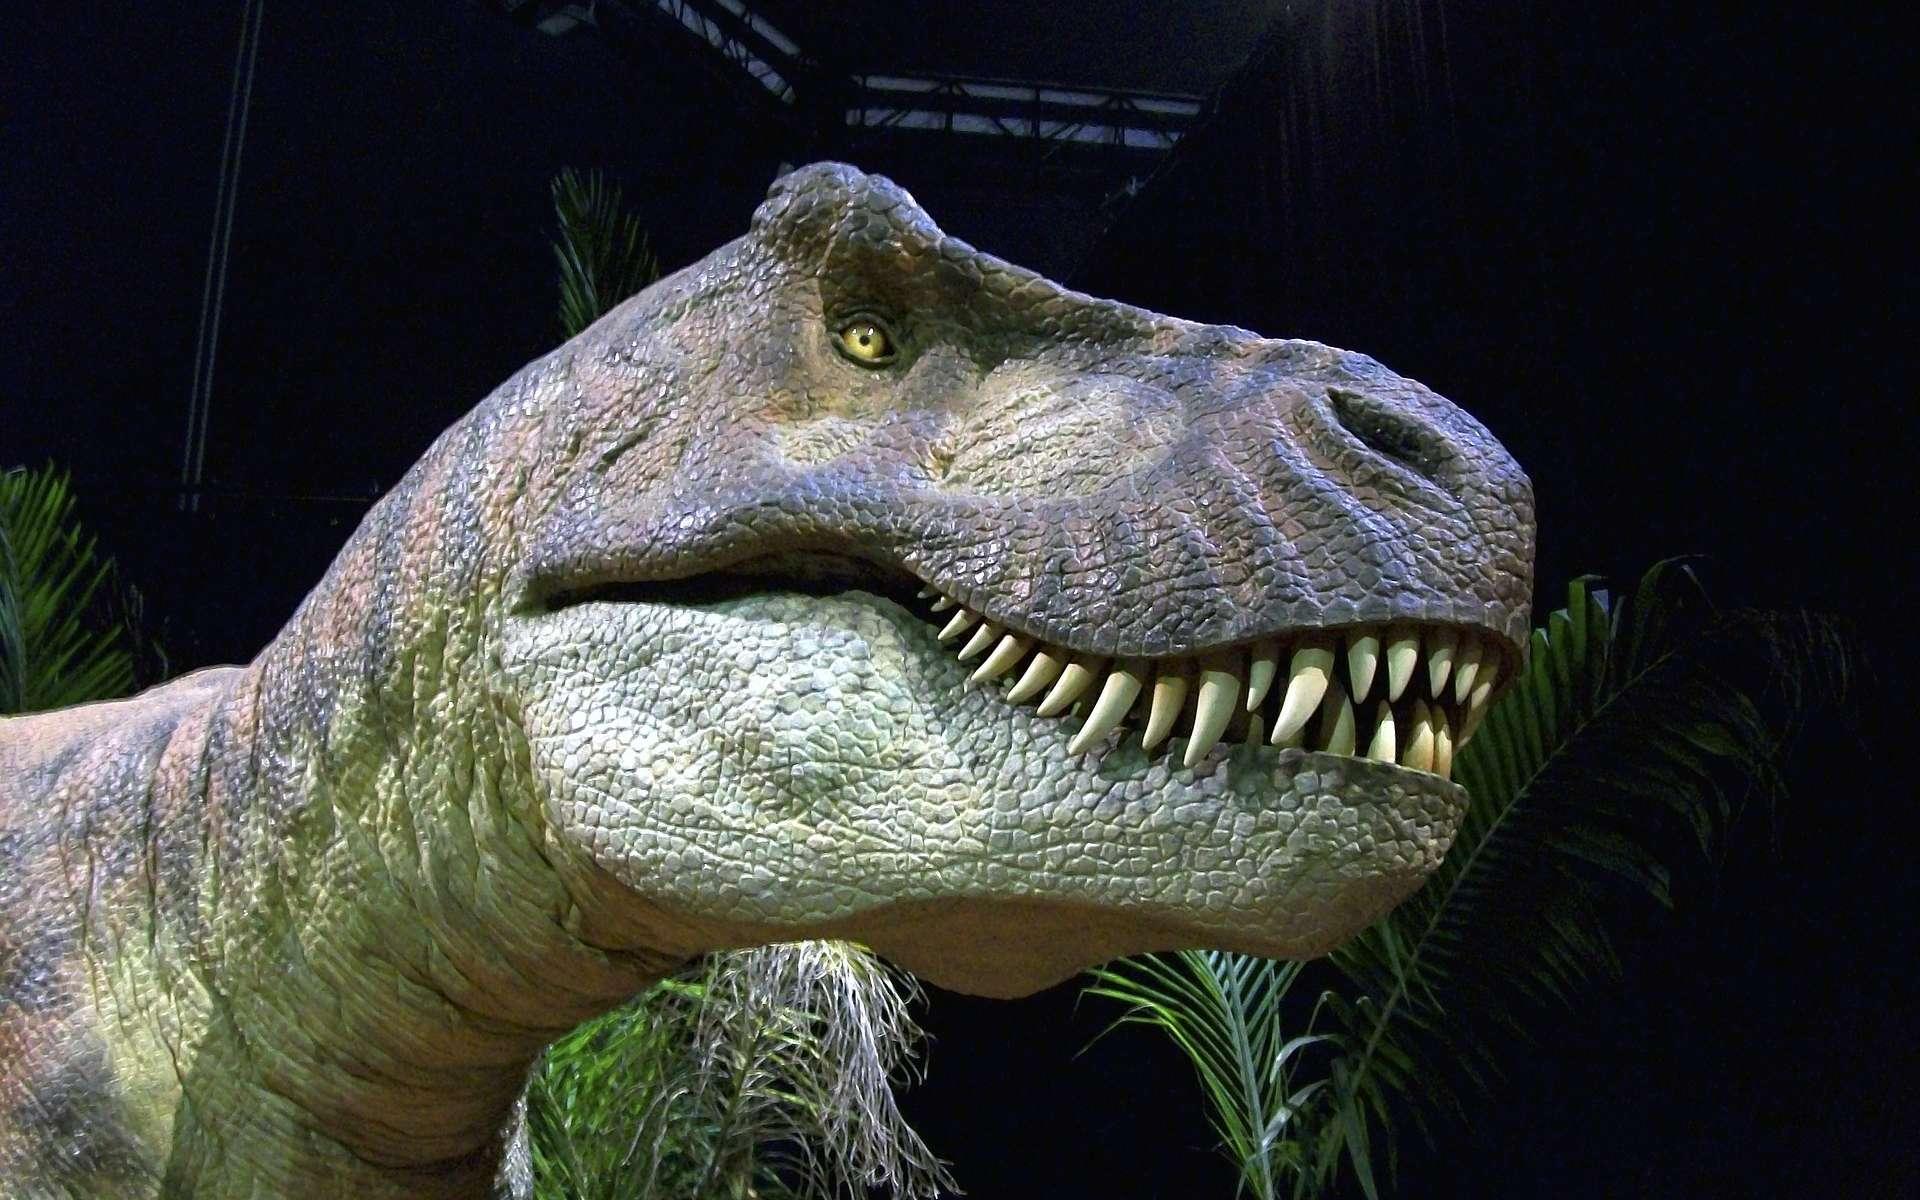 Selon des chercheurs britanniques, et contrairement à ce qui était communément admis, la morphologie du T-Rex ne lui aurait pas permis de courir à plus de 20 km/h. © jim5, Pixabay, DP